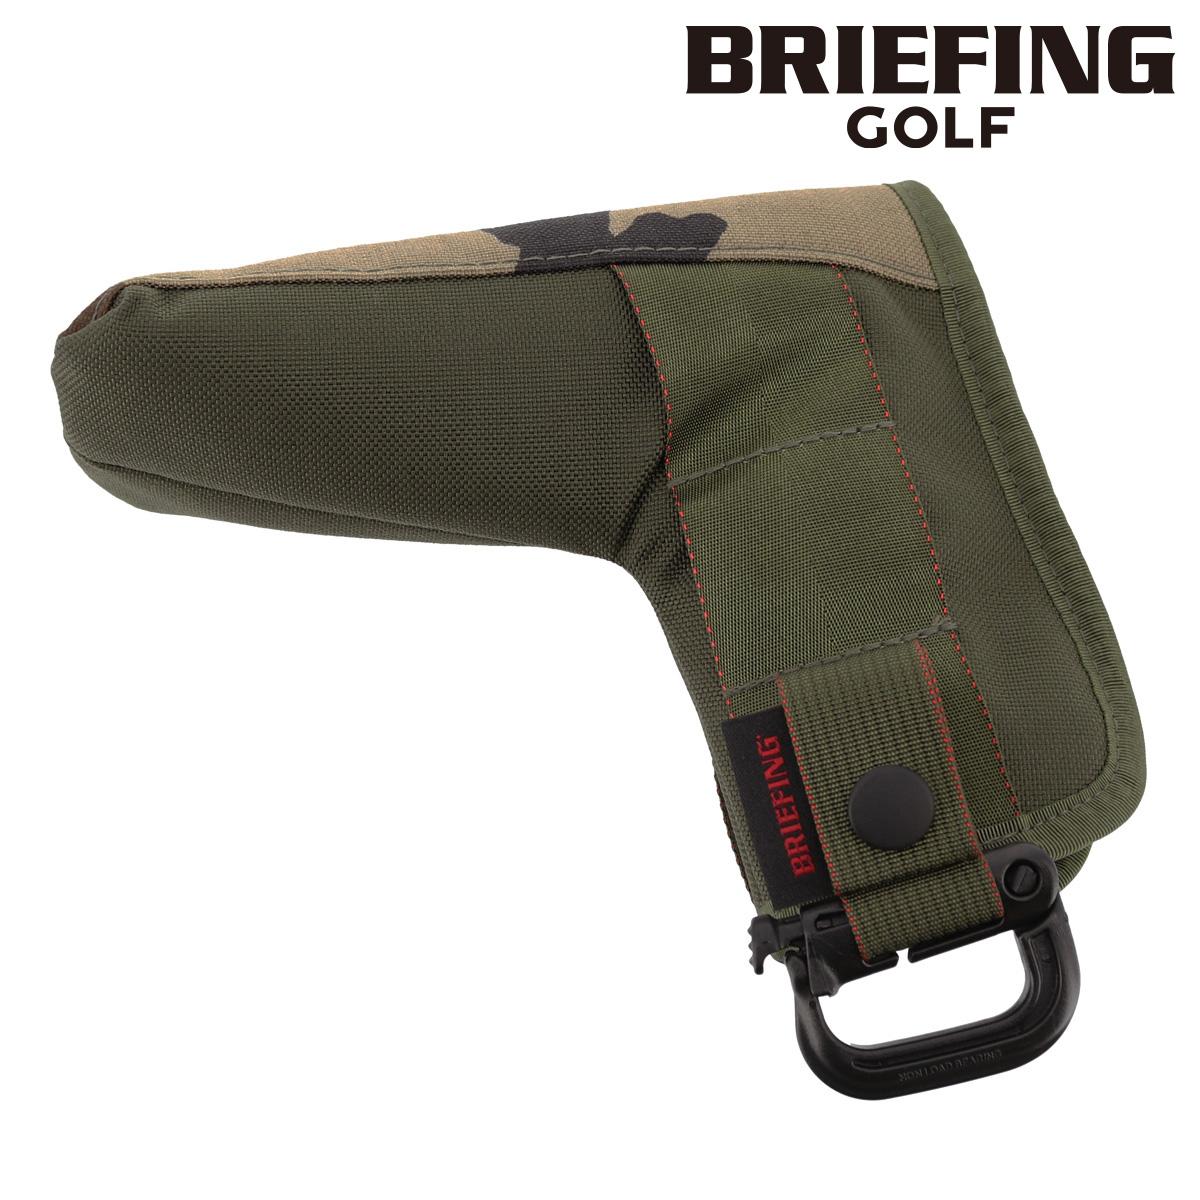 送料無料 あす楽 [ギフト/プレゼント/ご褒美] ブリーフィング ゴルフ パターカバー B SERIES PUTTER メンズ BRG204G05 FIDLOCK 即日発送 BRIEFING COMBI 完全送料無料 COVER